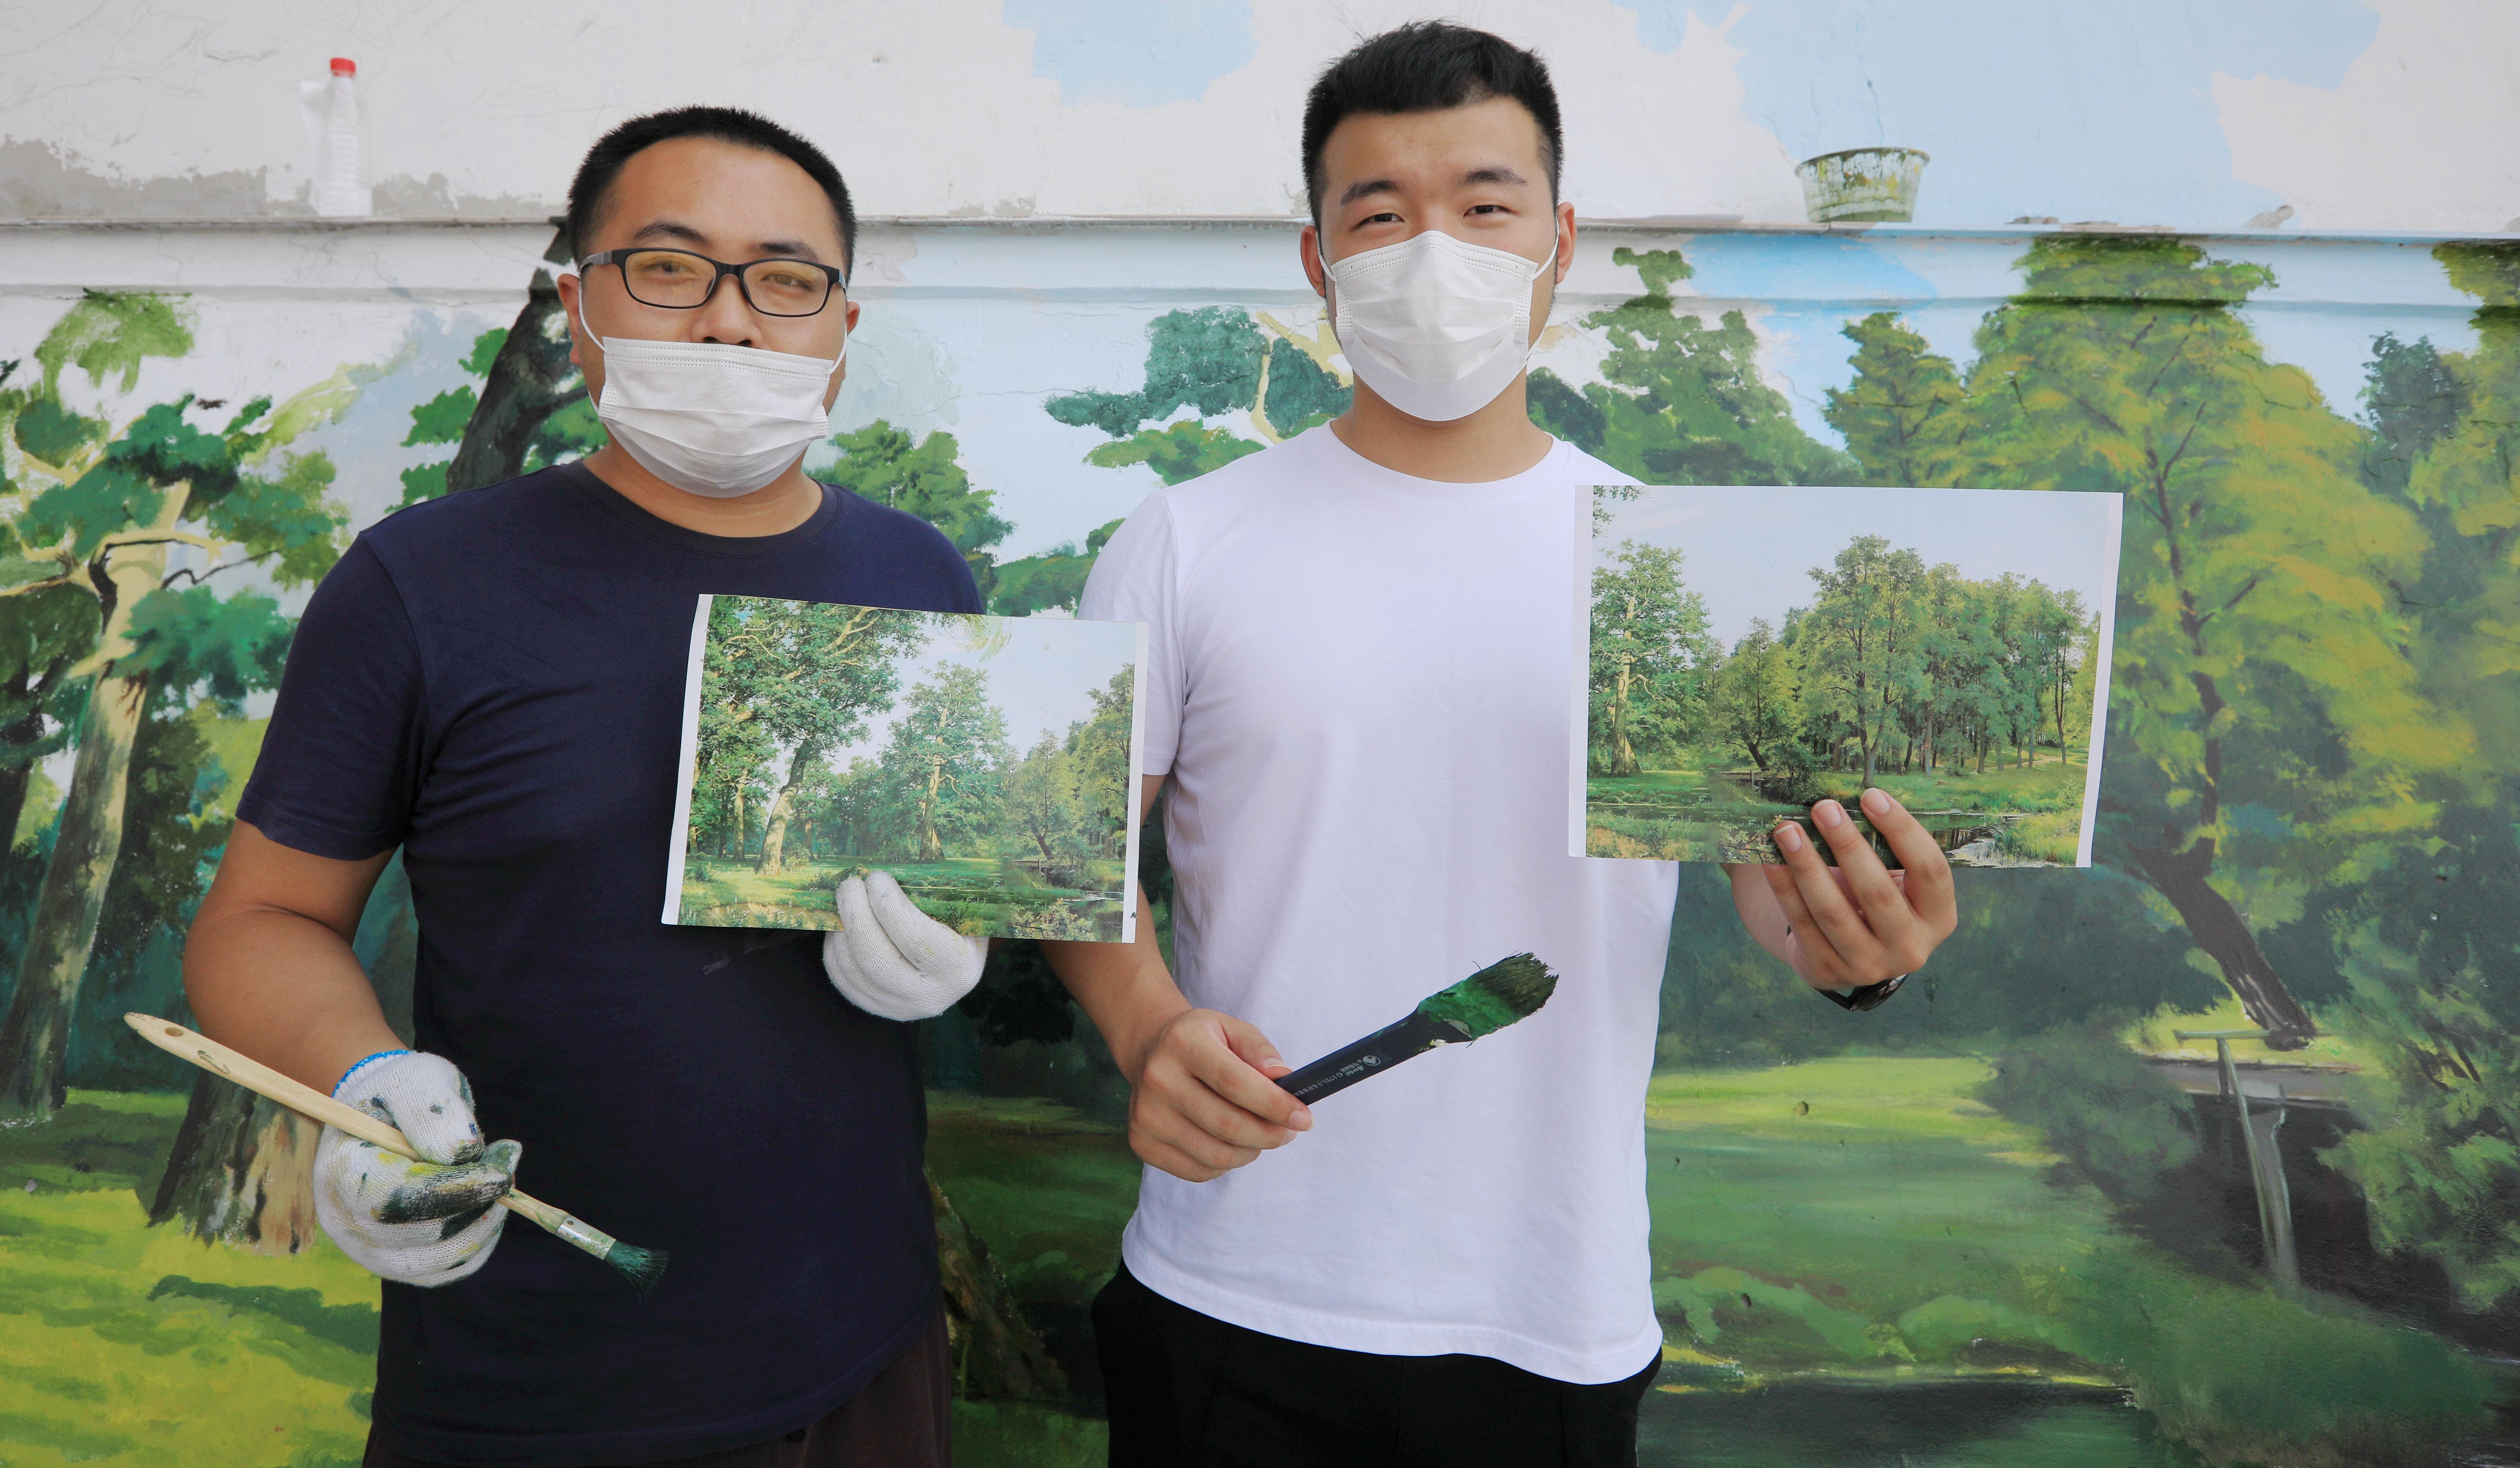 近日,哈尔滨市九站公园至群力外滩公园间,打通了一条沿江景观栈道,栈道旁艺术家绘出一堵油画风景墙。